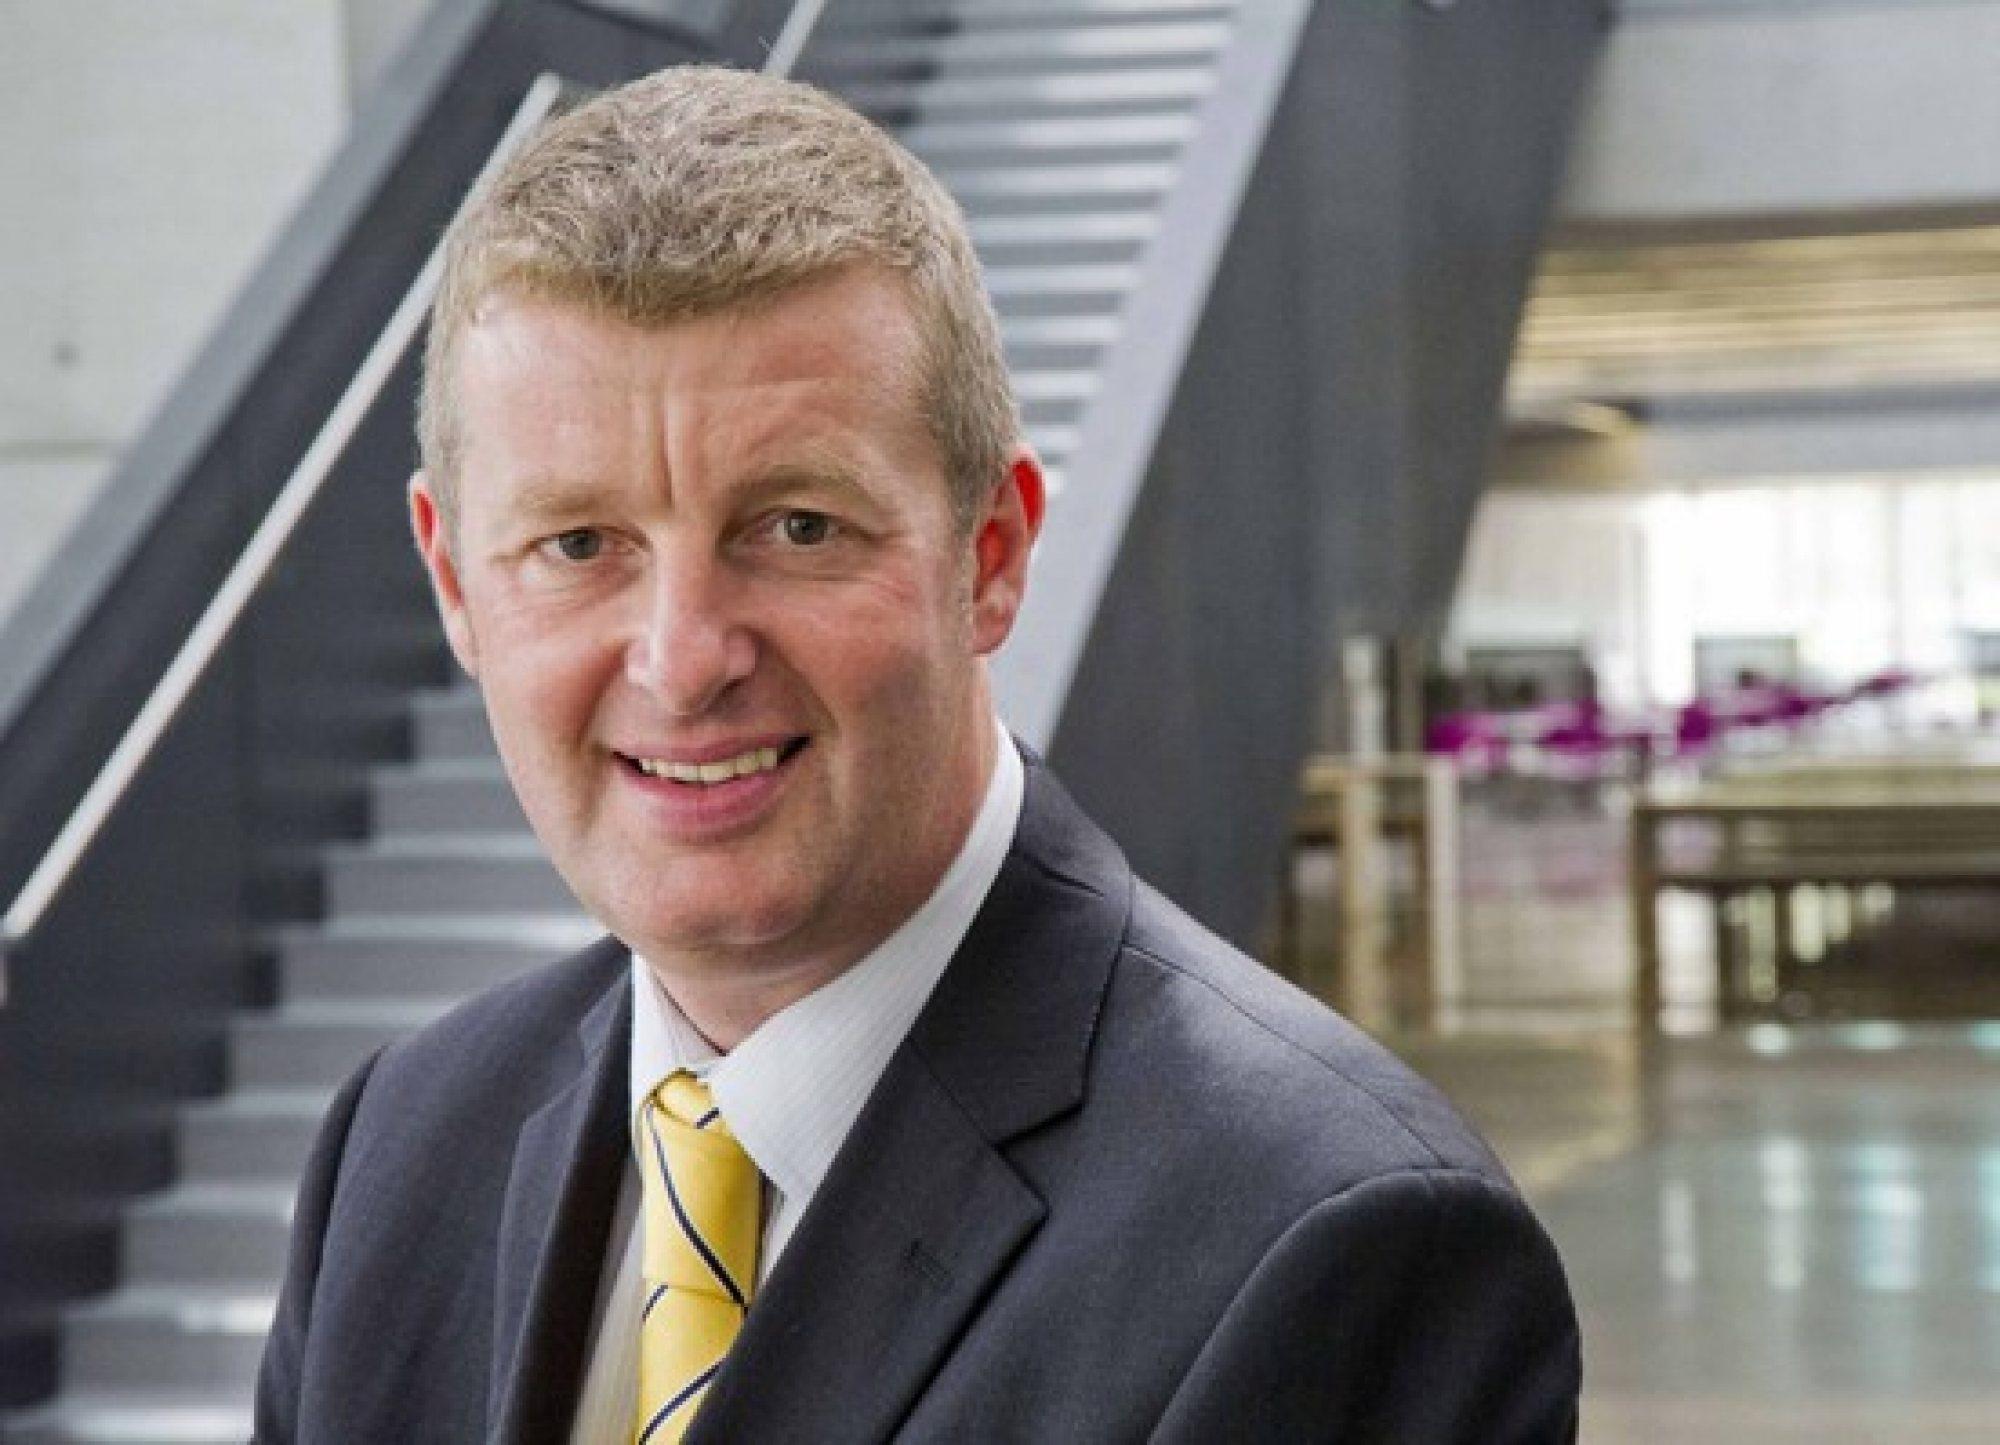 Ian Musgrave